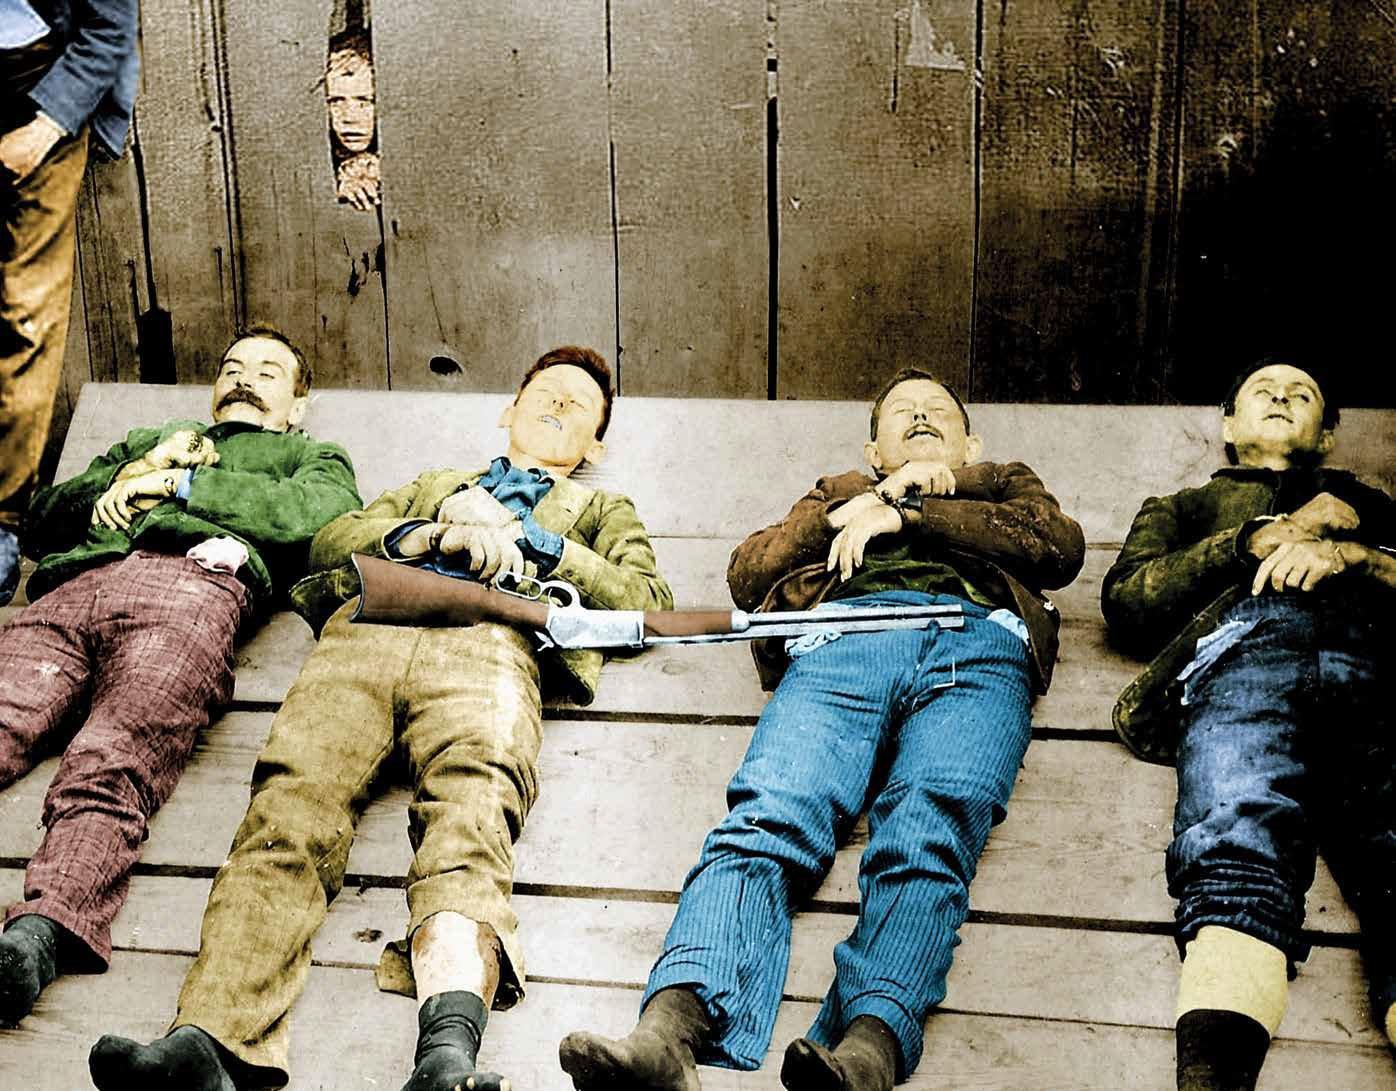 дикий запад колоризированные фото xix век фронтир отвратительные мужики disgusting men